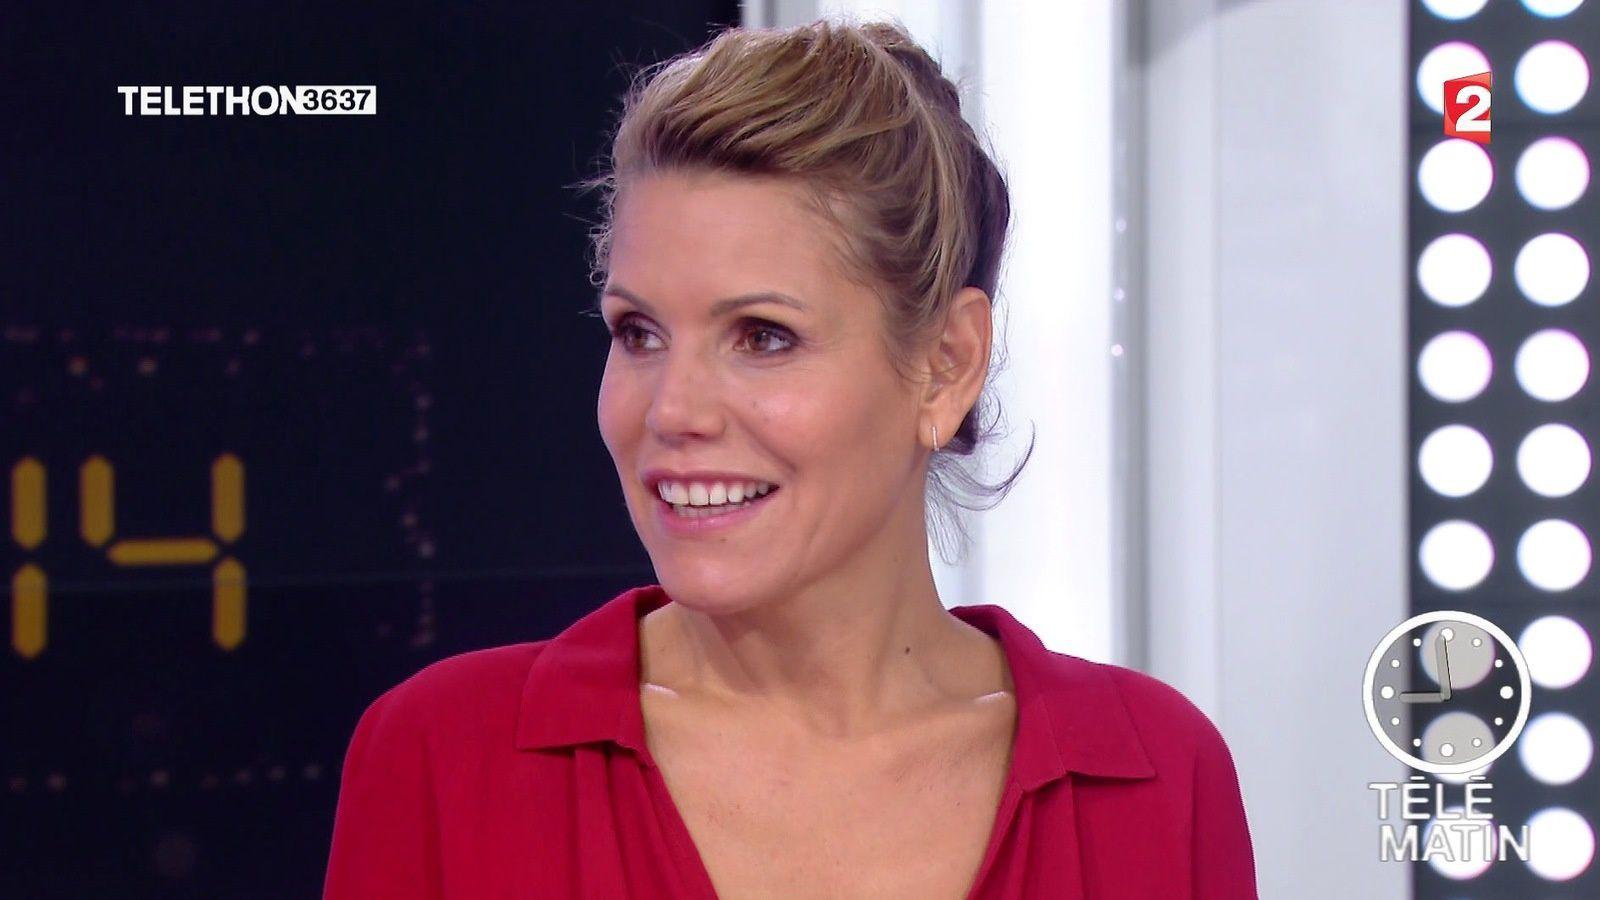 📸 LAURA TENOUDJI @lauratenoudji ce matin @telematin @France2tv #vuesalatele